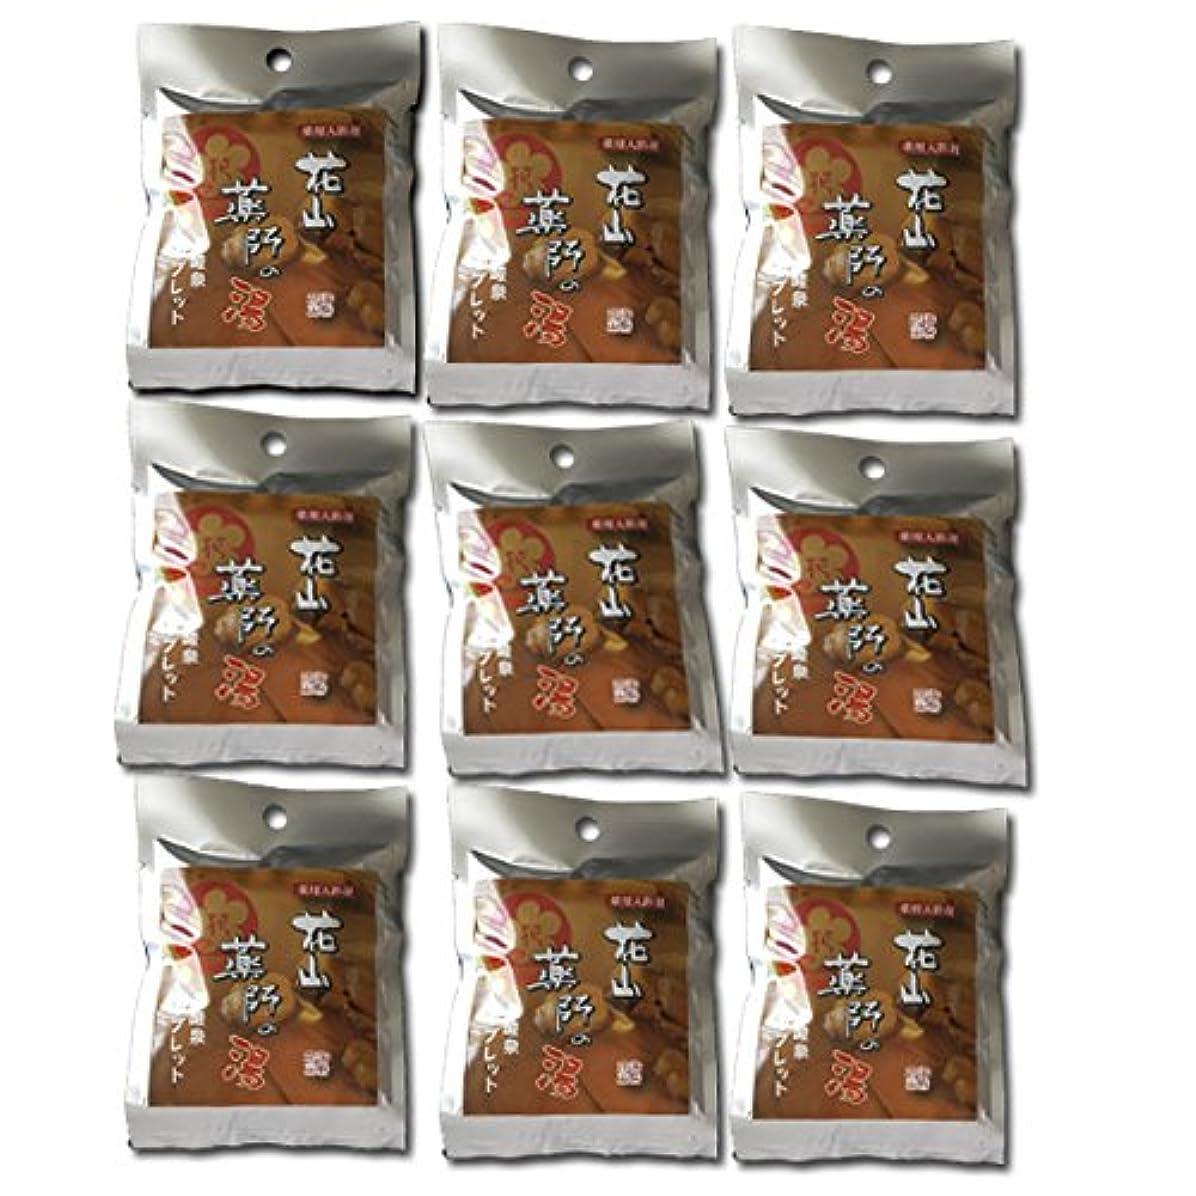 ガイドかわす富豪入浴剤 炭酸泉 和歌山 花山温泉の温泉分析値を元に配合して作られたタブレット9個 薬用